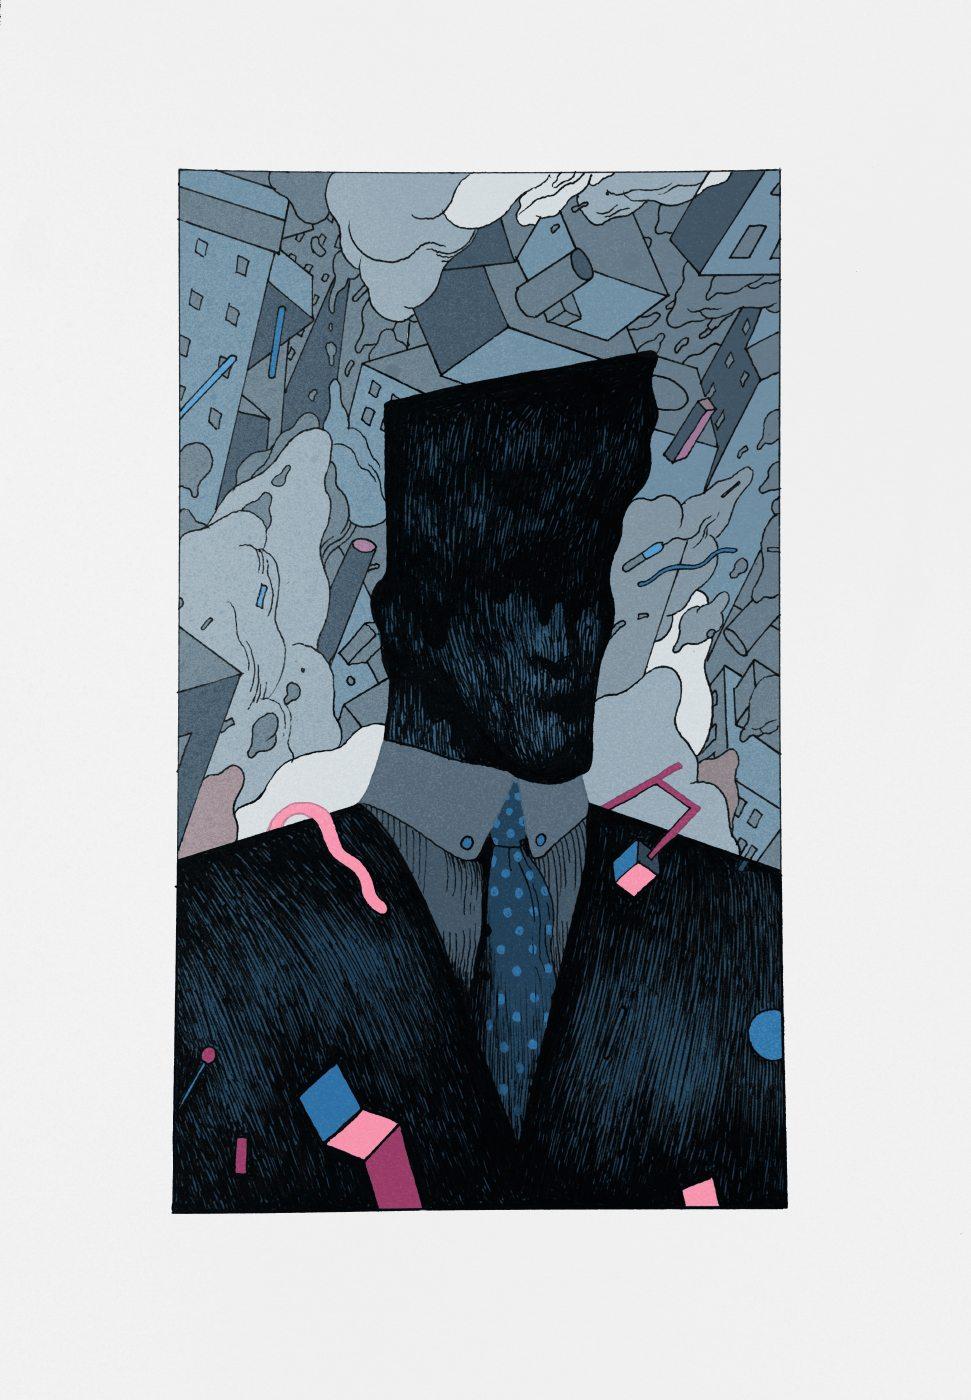 Artist of the Day: Rune Fisker